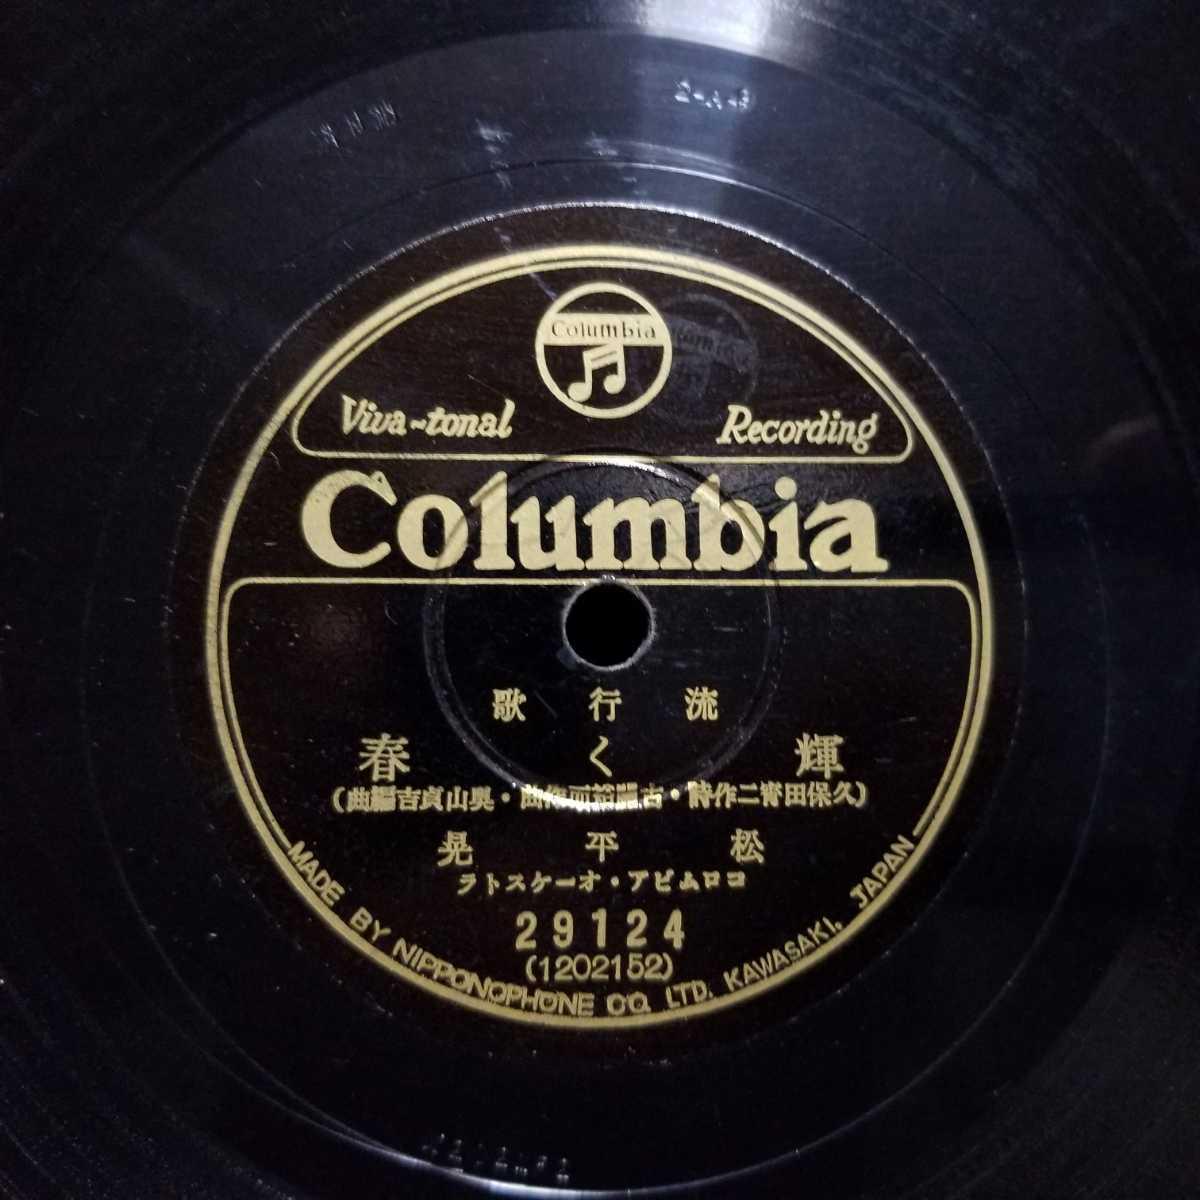 流行歌 輝く春 松平晃 ※ あの山越えて ミス・コロムビア 蓄音機SPレコード盤10インチ(25cm) (16_画像4